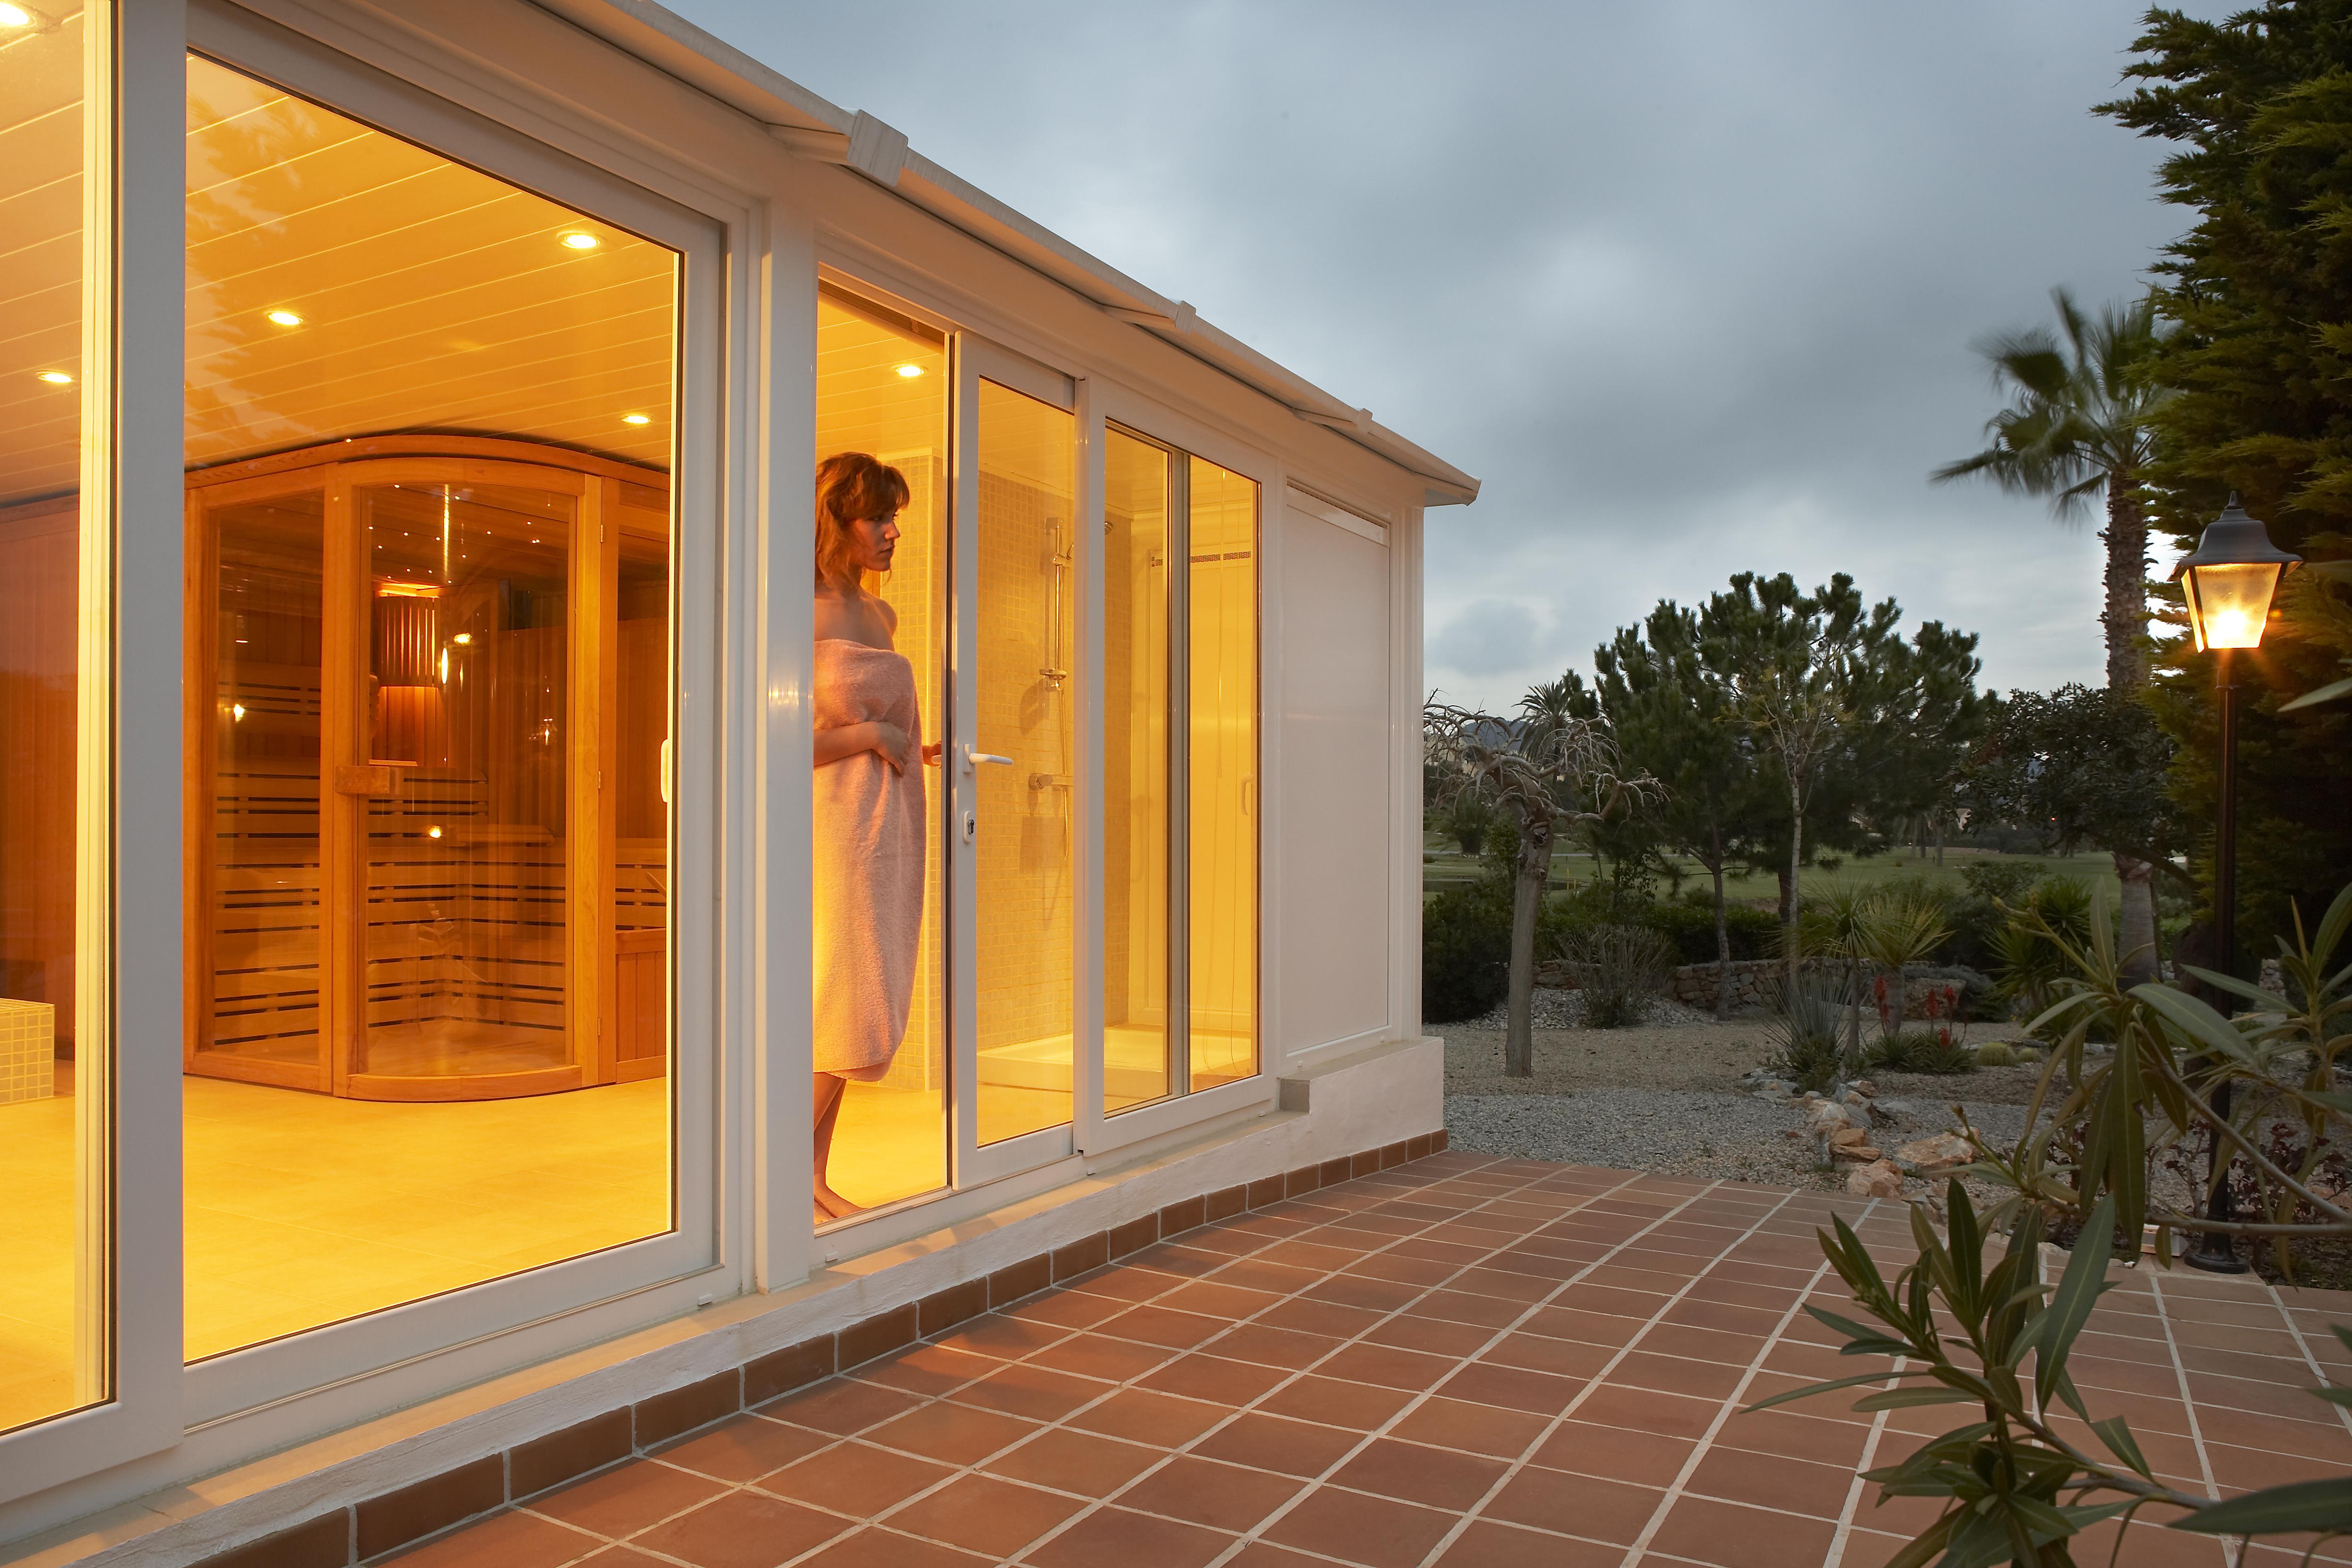 ventanas correderas tecnocor ventanas 10 ventanas de. Black Bedroom Furniture Sets. Home Design Ideas